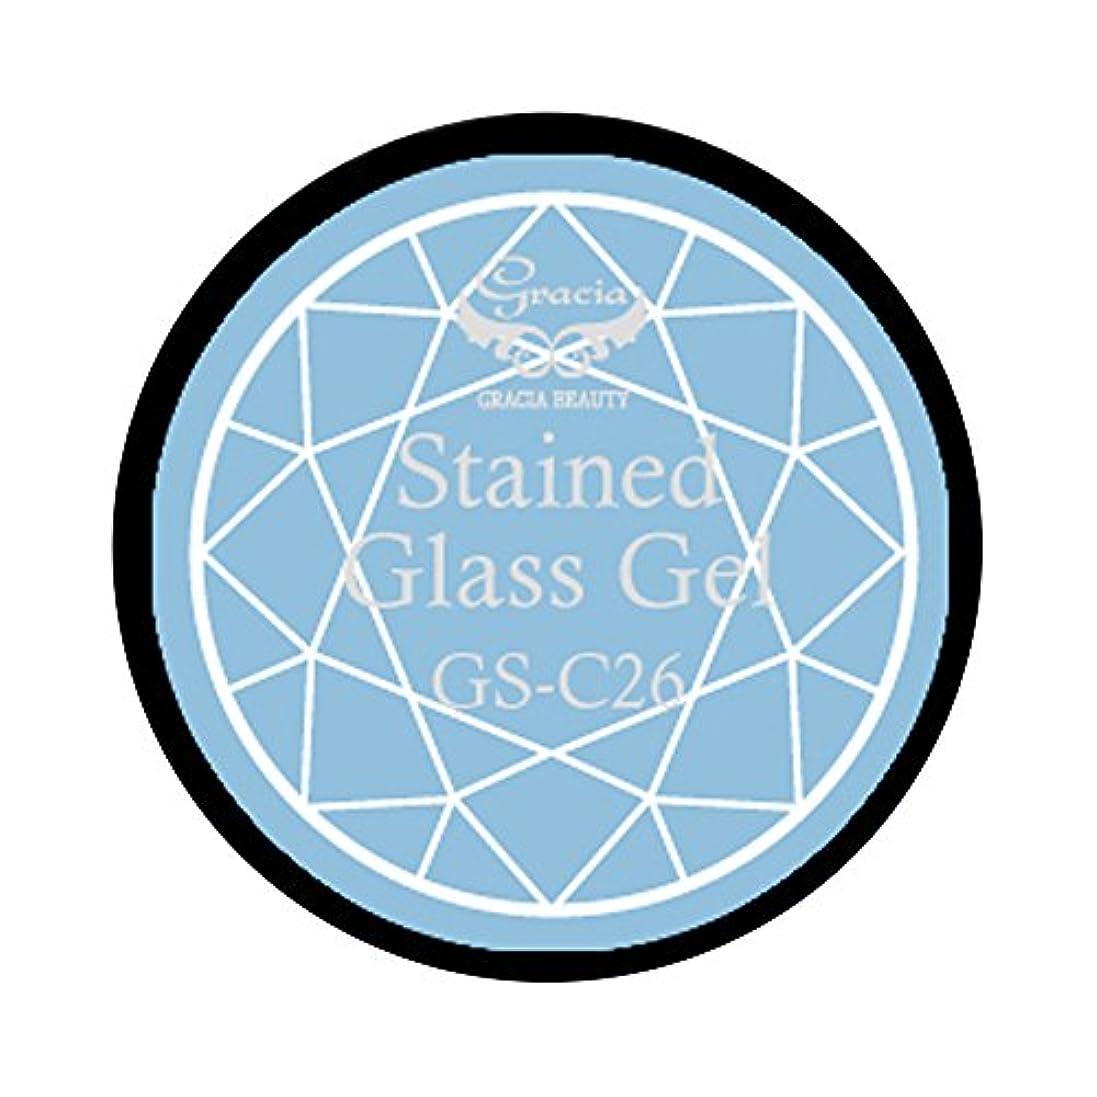 記憶顎なぜならグラシア ジェルネイル ステンドグラスジェル GSM-C26 3g  クリア UV/LED対応 カラージェル ソークオフジェル ガラスのような透明感